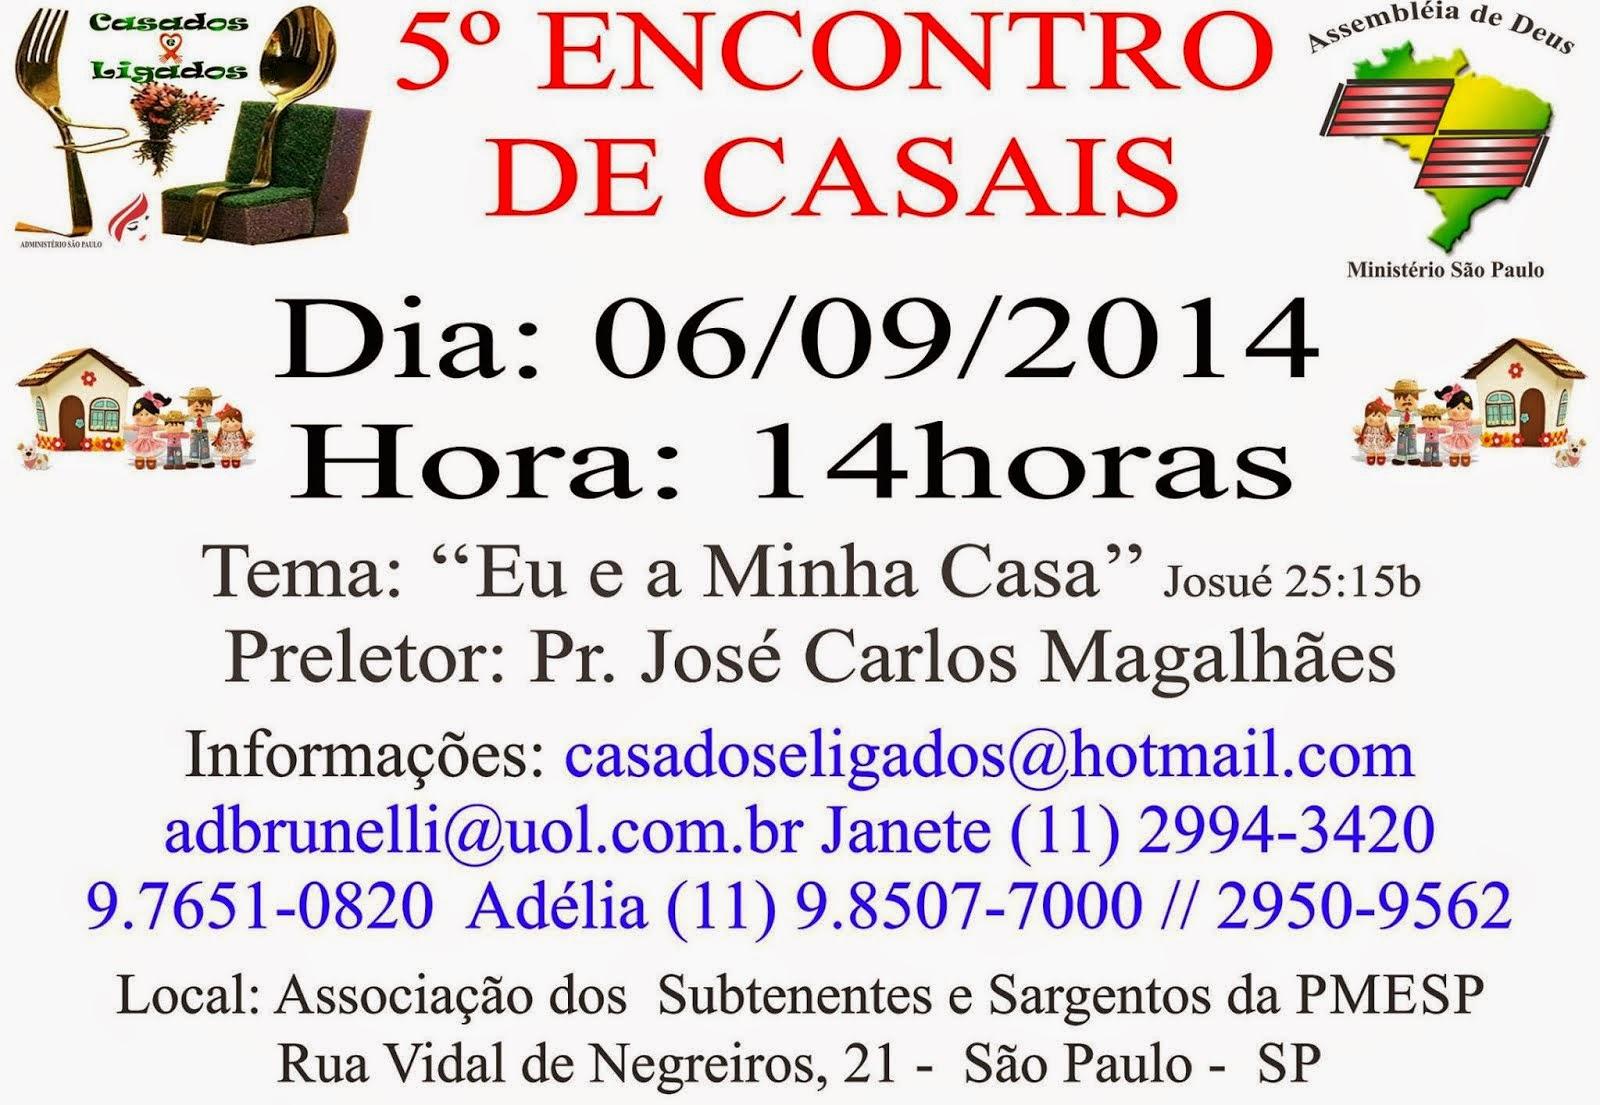 5º ENCONTRO DE CASAIS